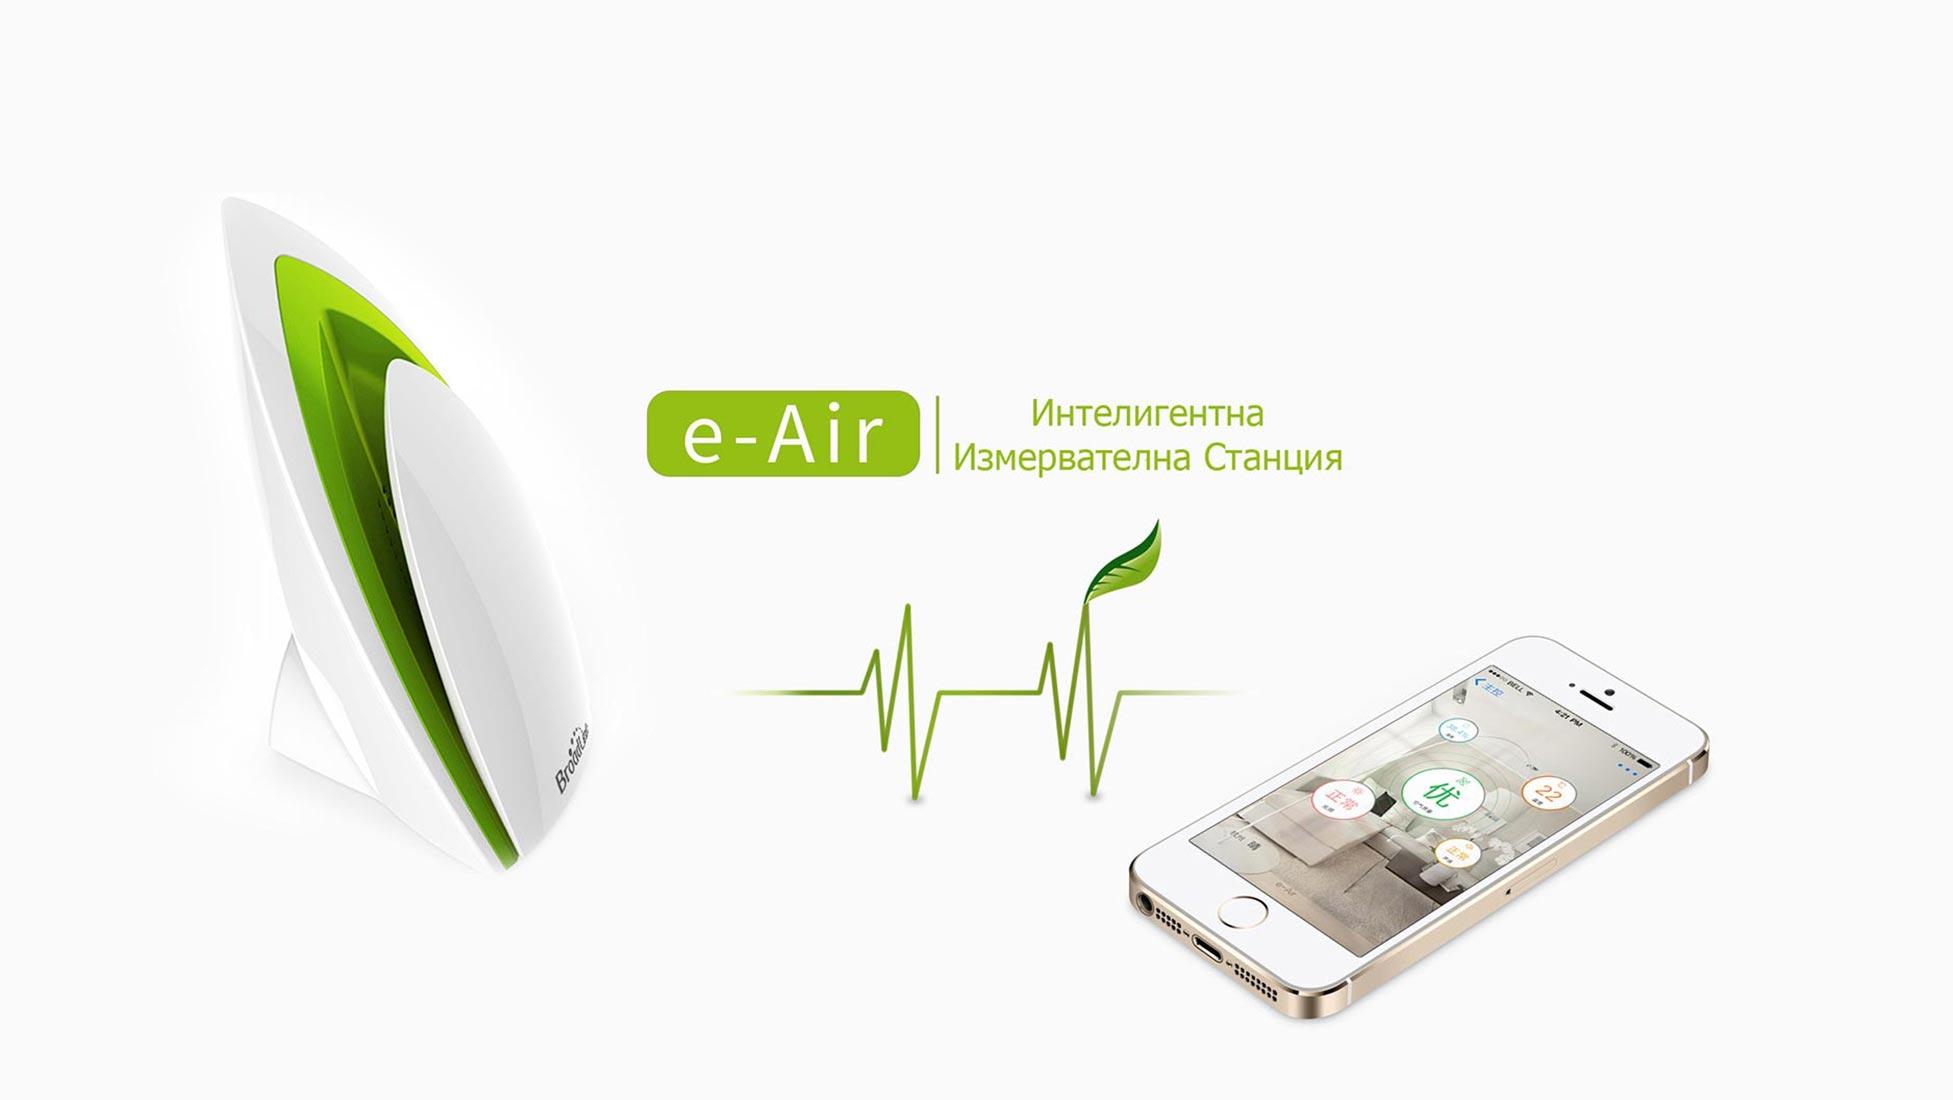 BroadLink e-Air A1 - Интелигента WiFi Измервателна Станция